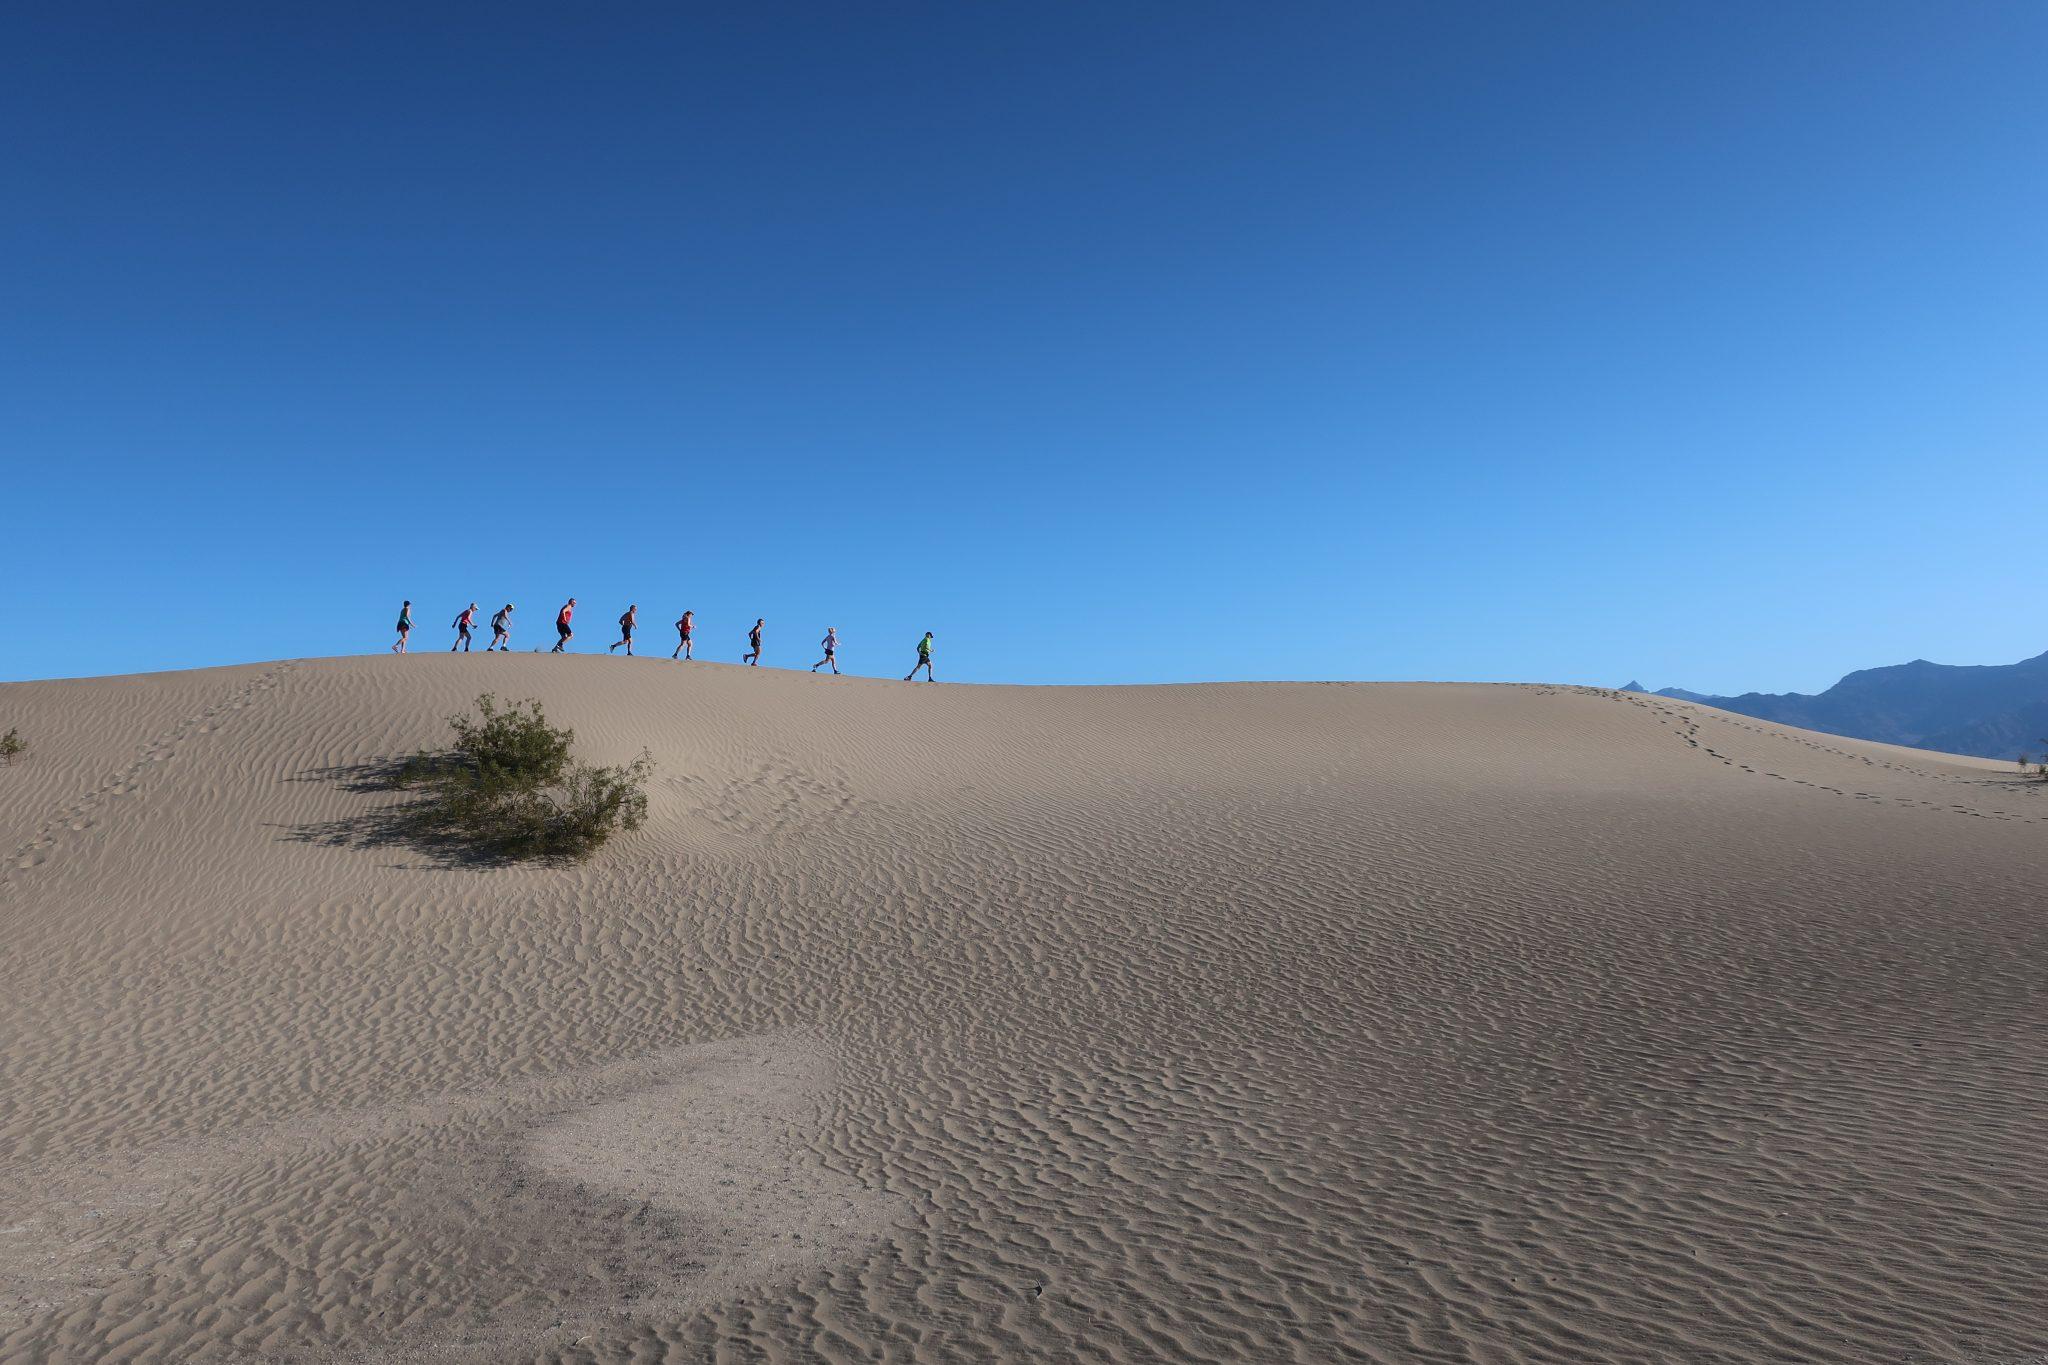 Løb på Sand Dumes ved Death Valley